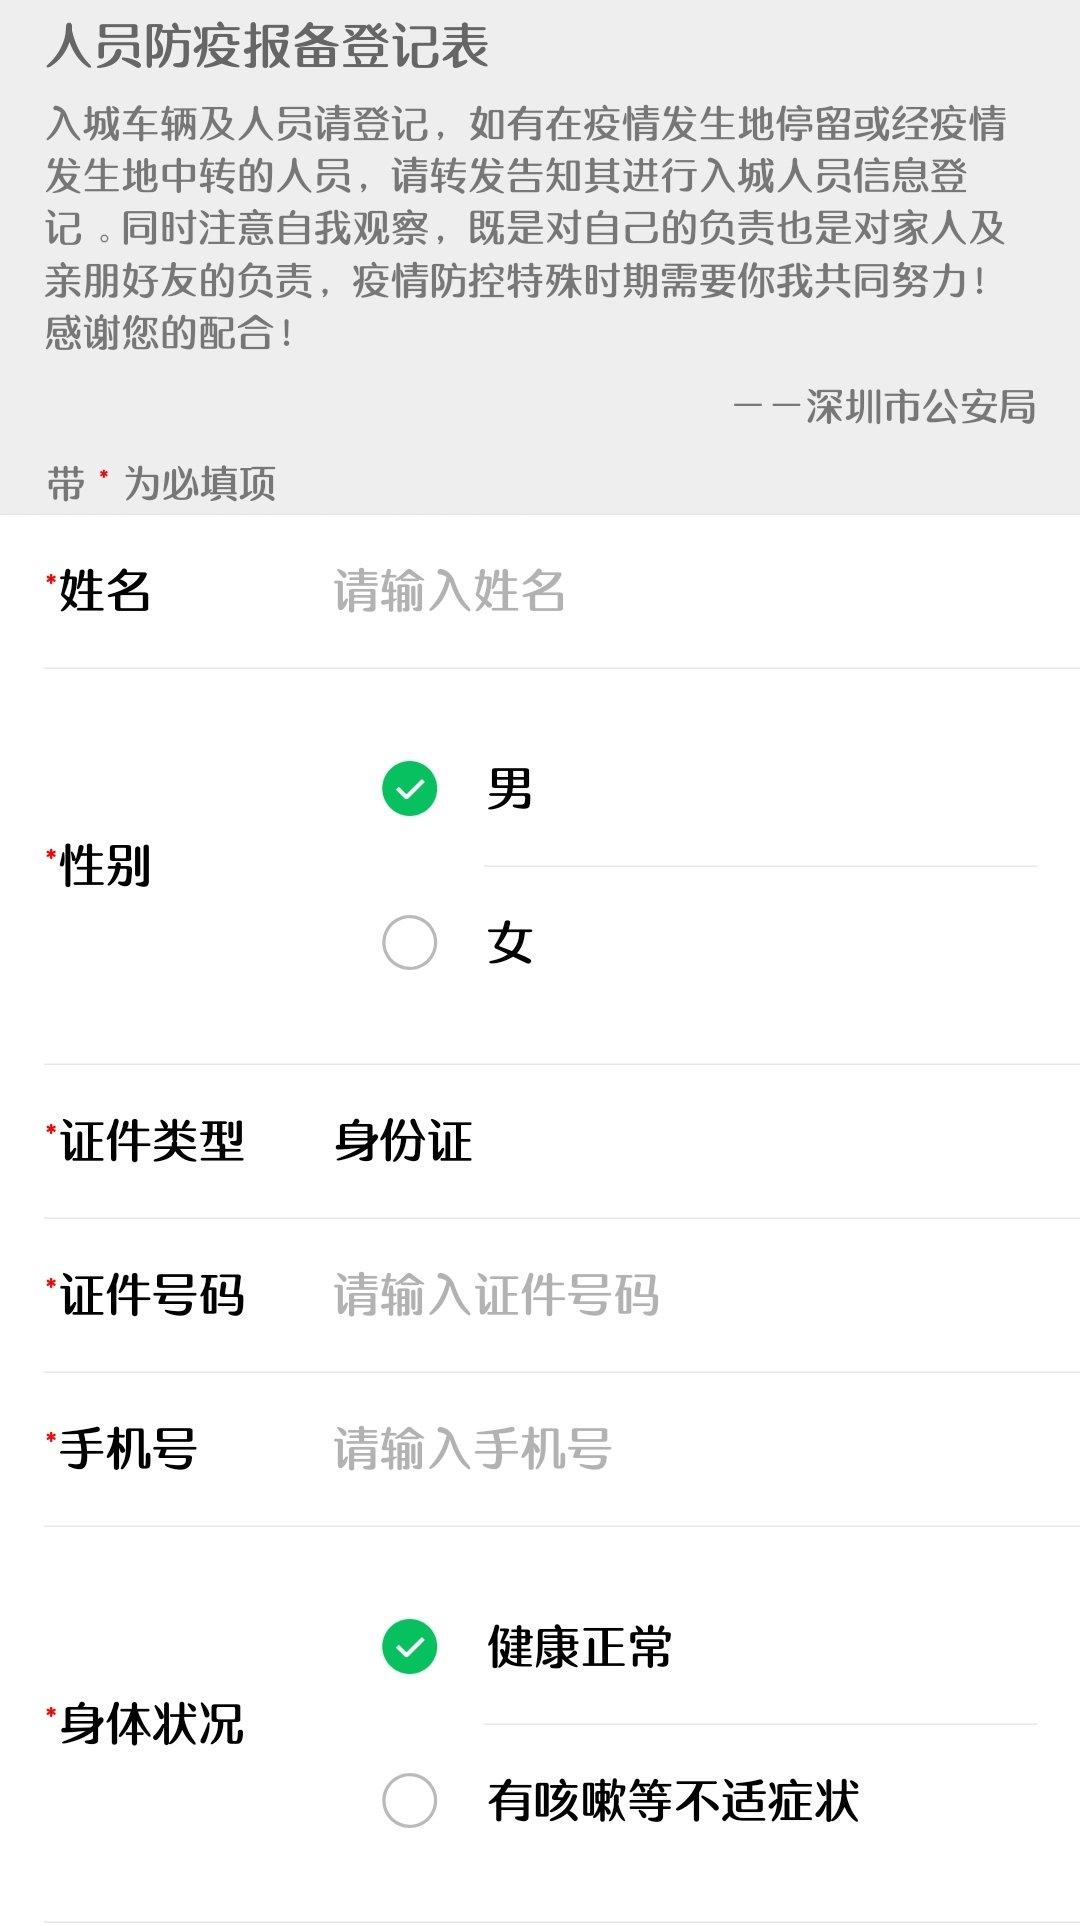 深圳入深车辆登记报备表在哪里填写